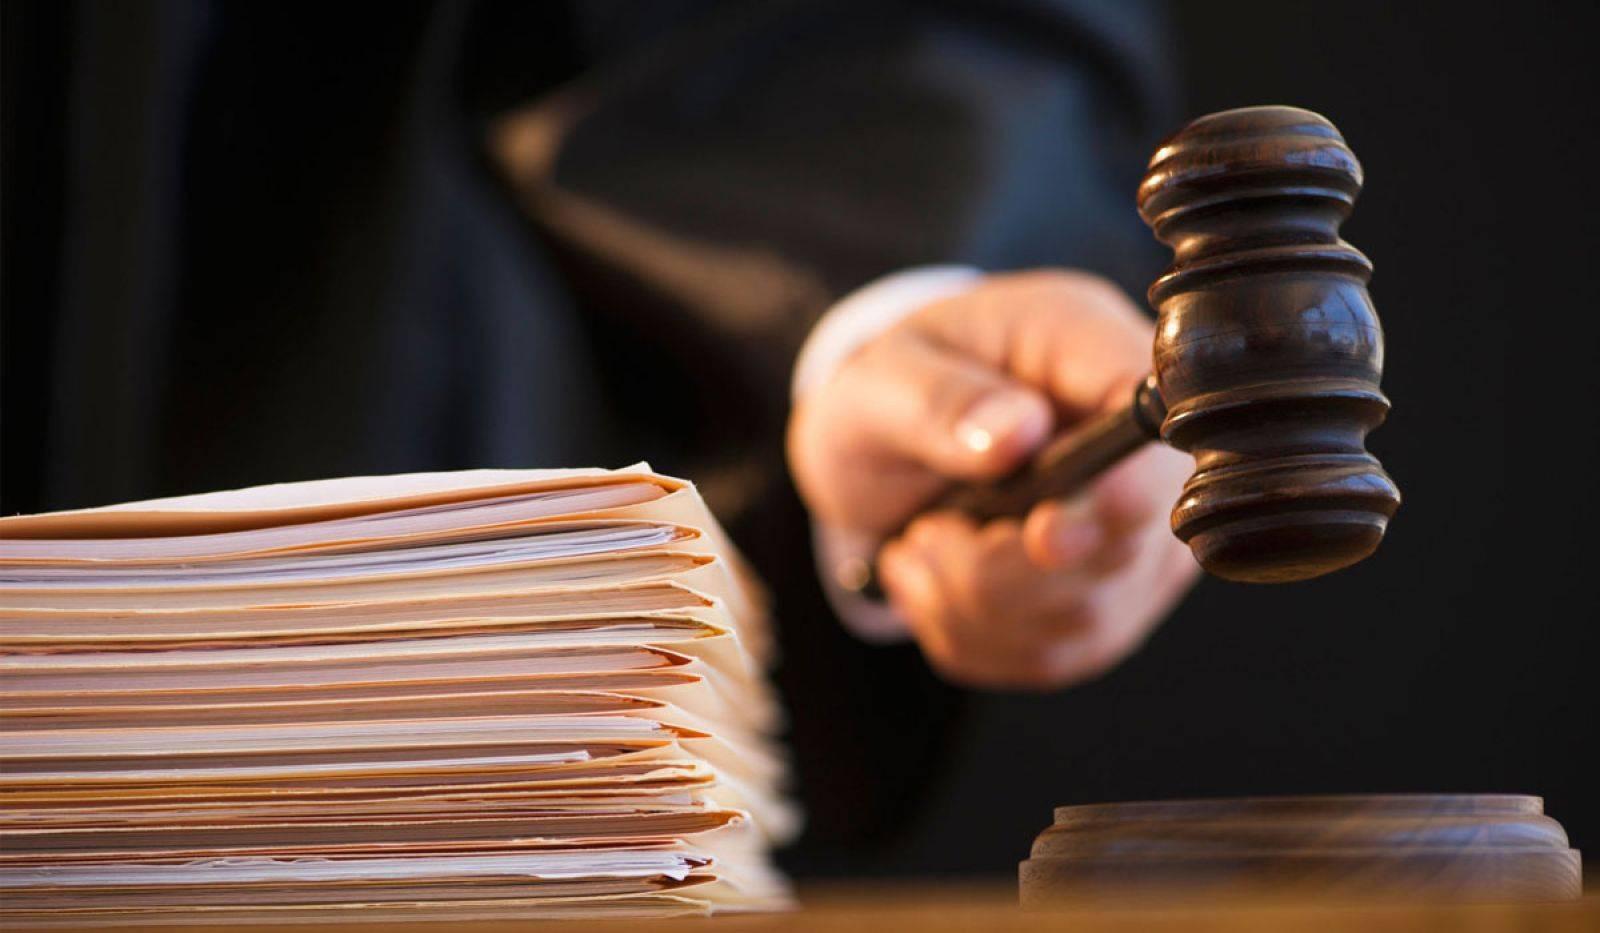 Налоговая представила обзор судебной практики по НДФЛ